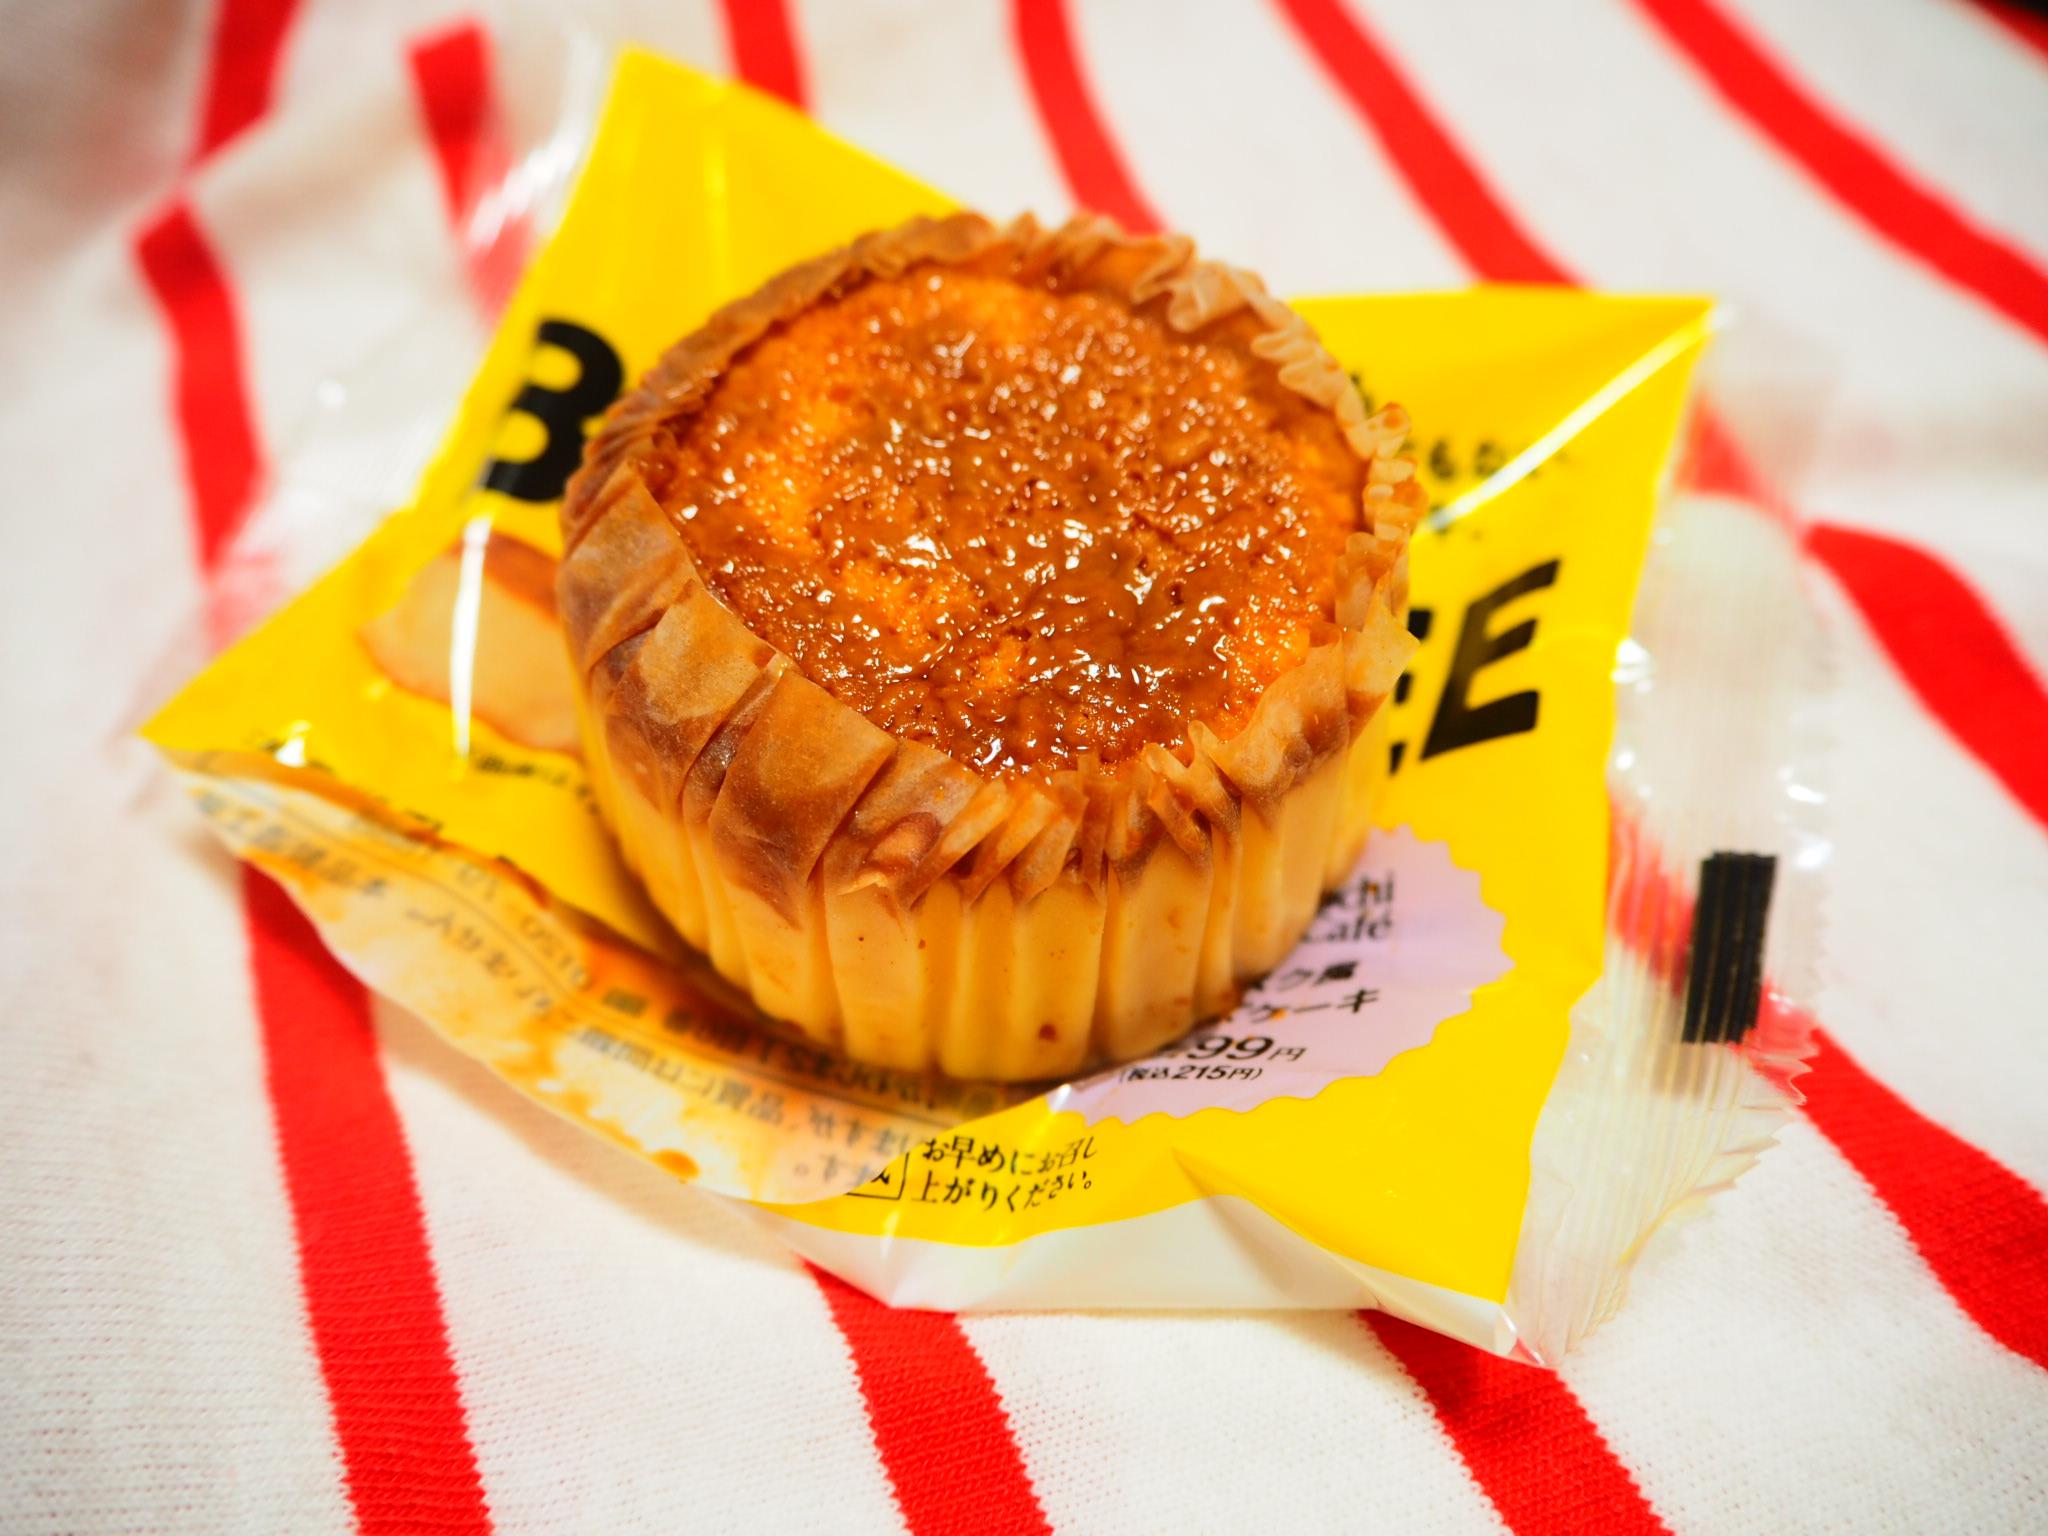 ✴︎✴︎✴︎【コンビニスイーツ】 大ヒット間違いなしと話題のバスク風チーズケーキ(((BASCHEE)))をご紹介!✴︎✴︎✴︎_2